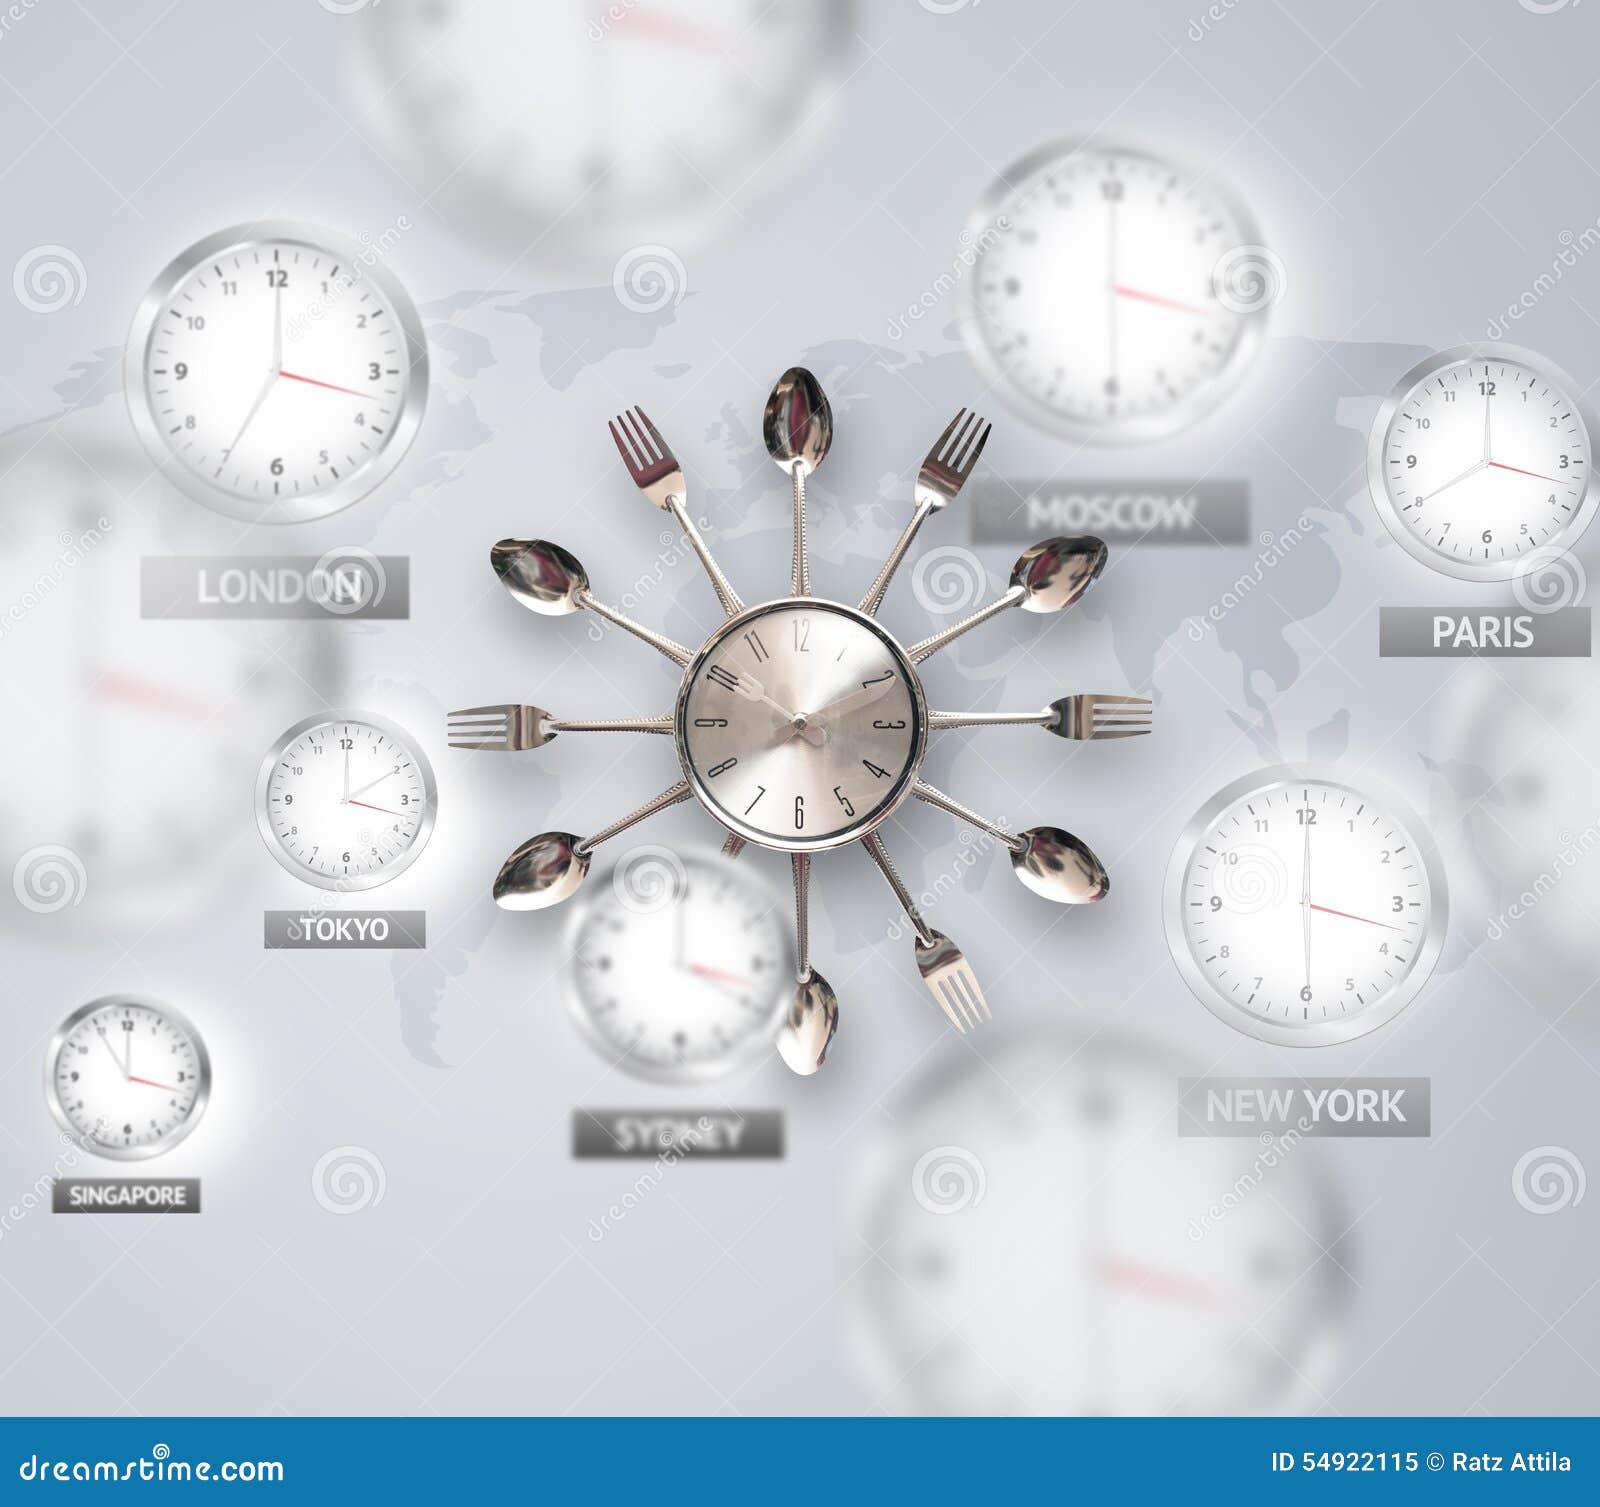 Zegary i strefy czasowe nad światowym pojęciem